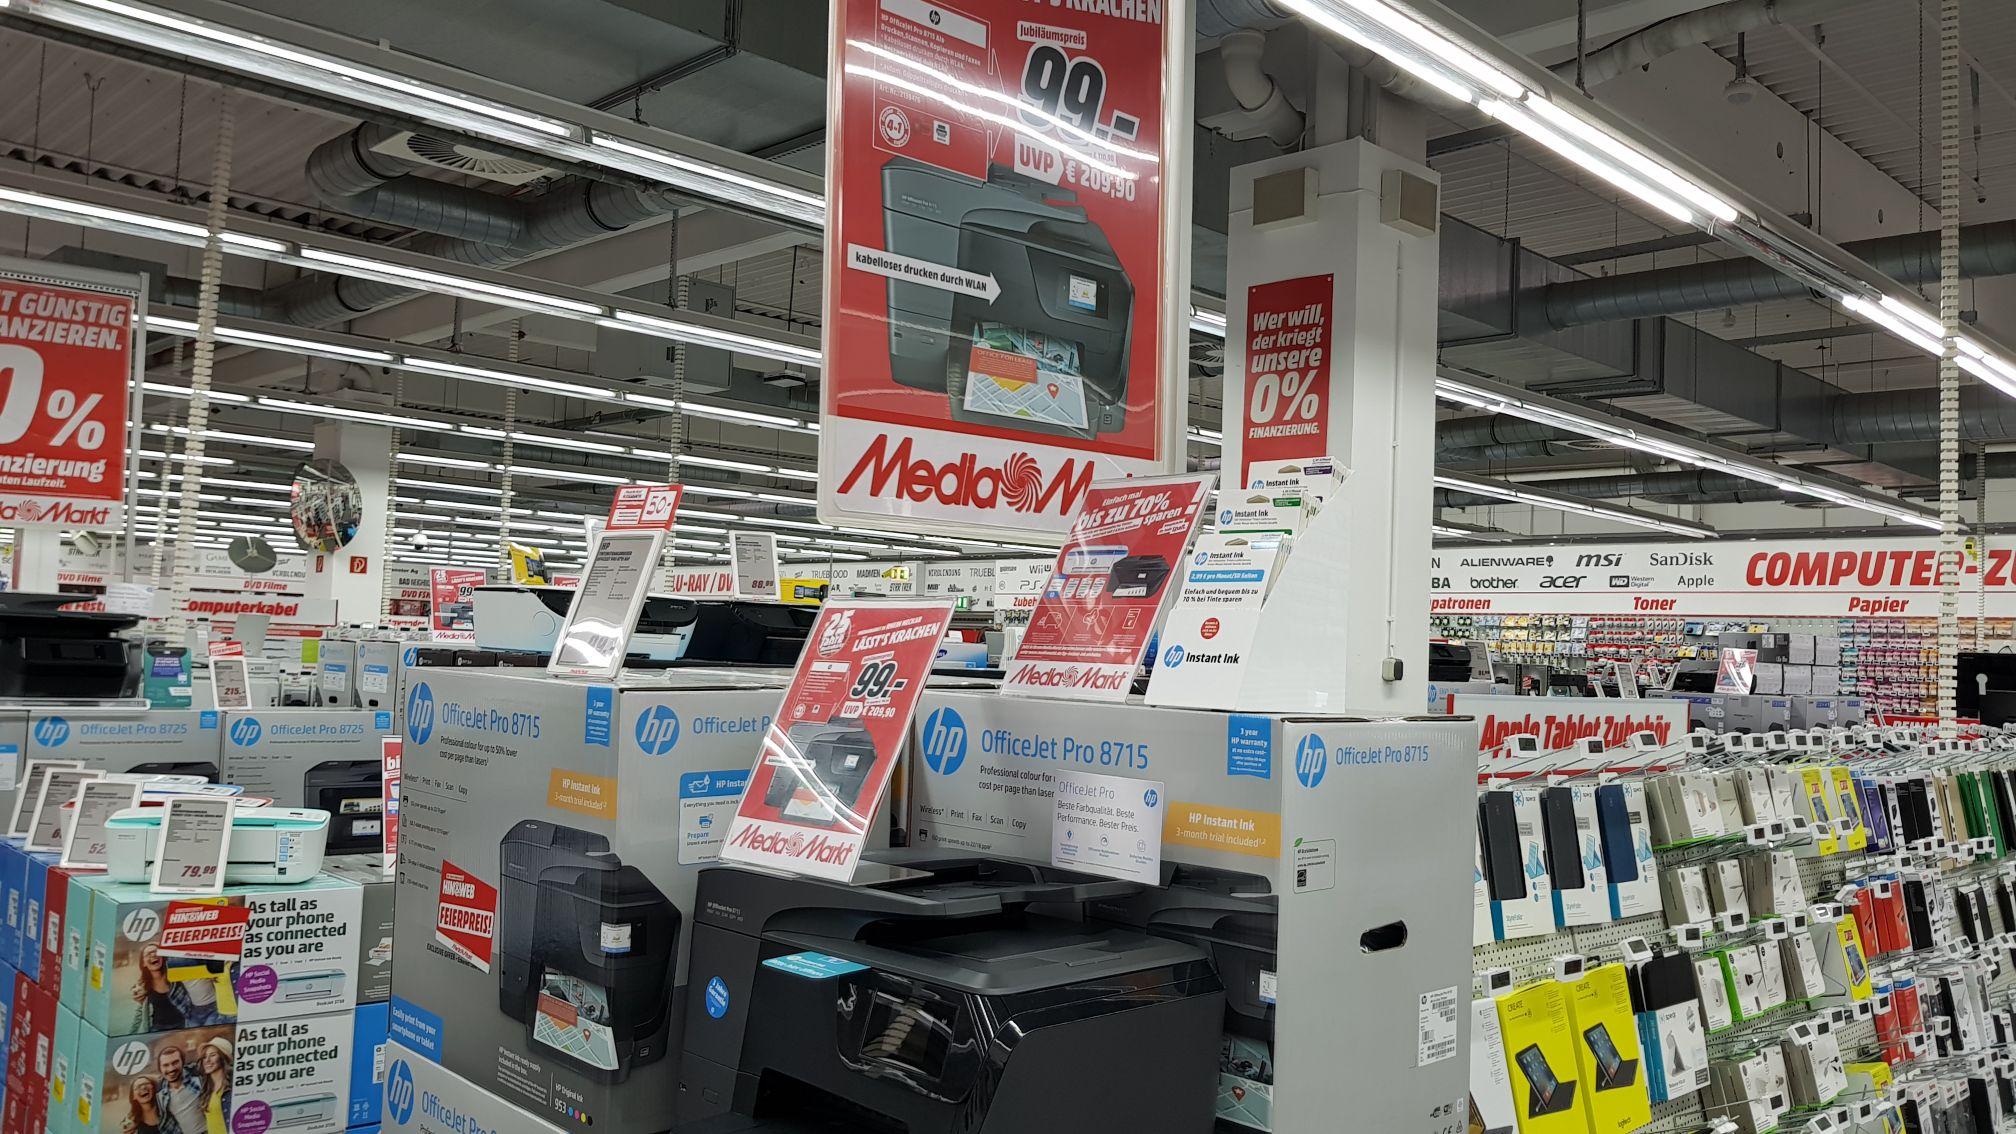 HP Officejet 8715 für 99€ bei Mediamarkt